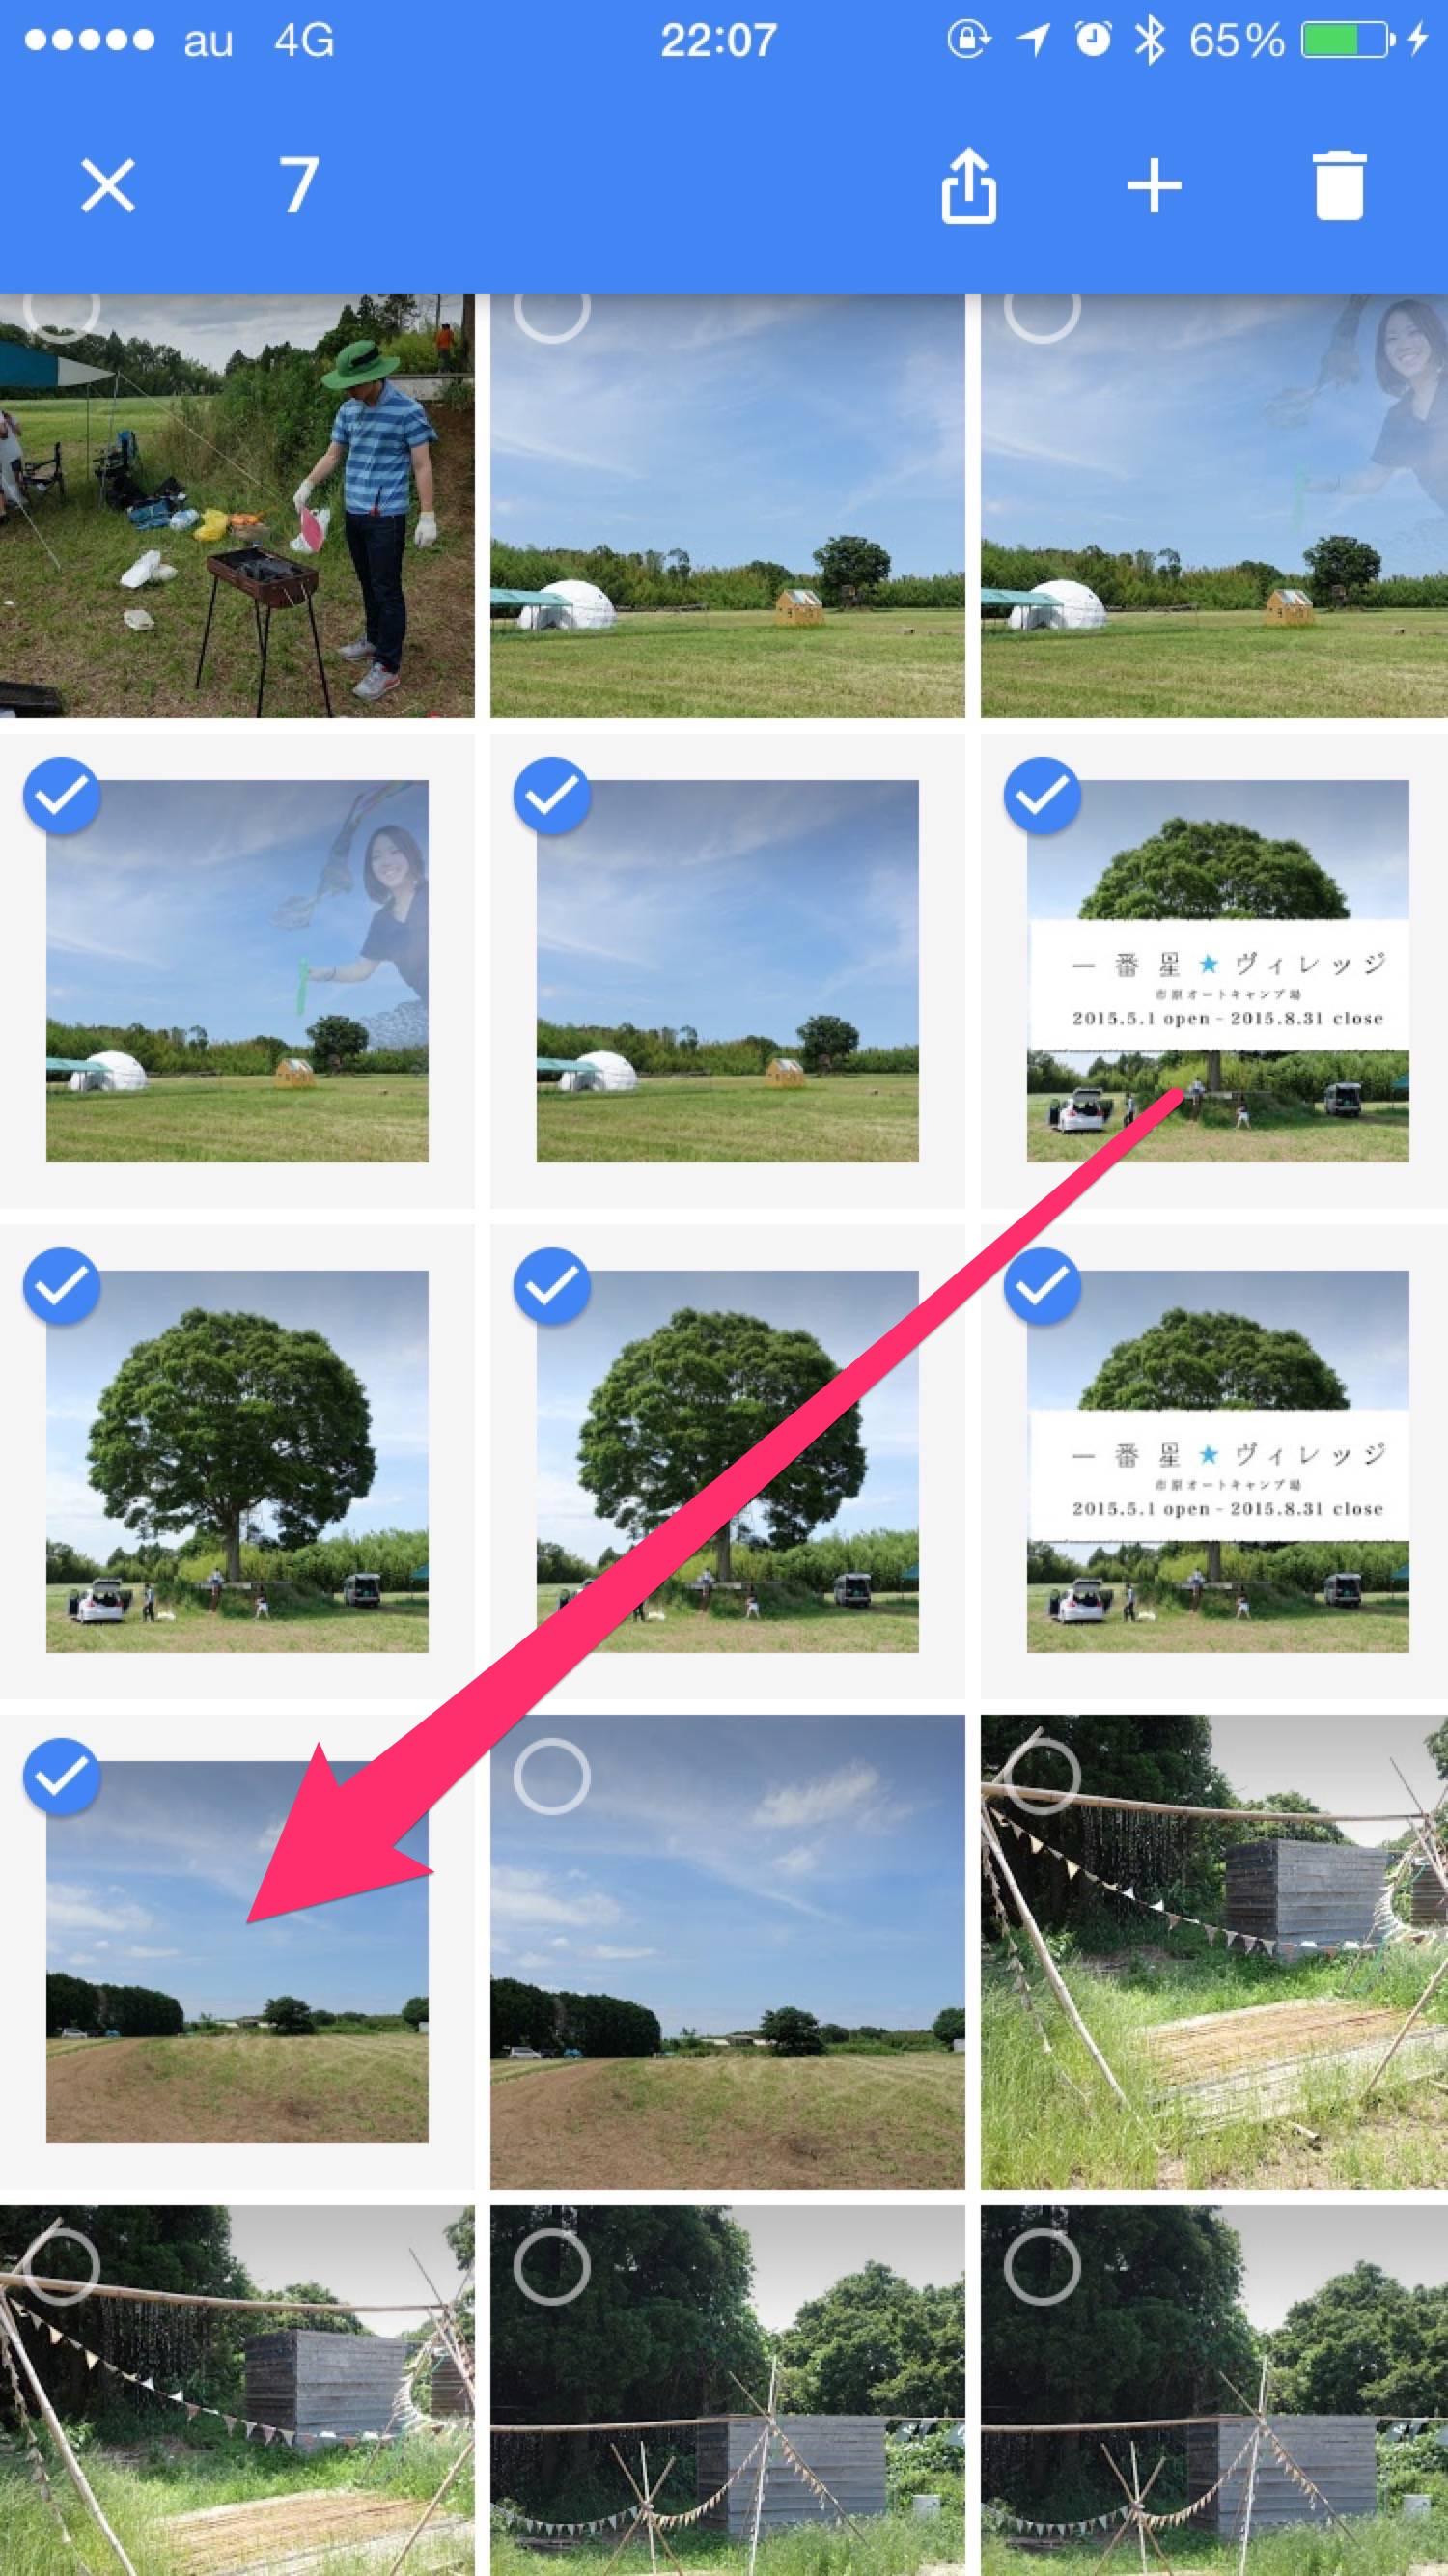 Googlephoto8